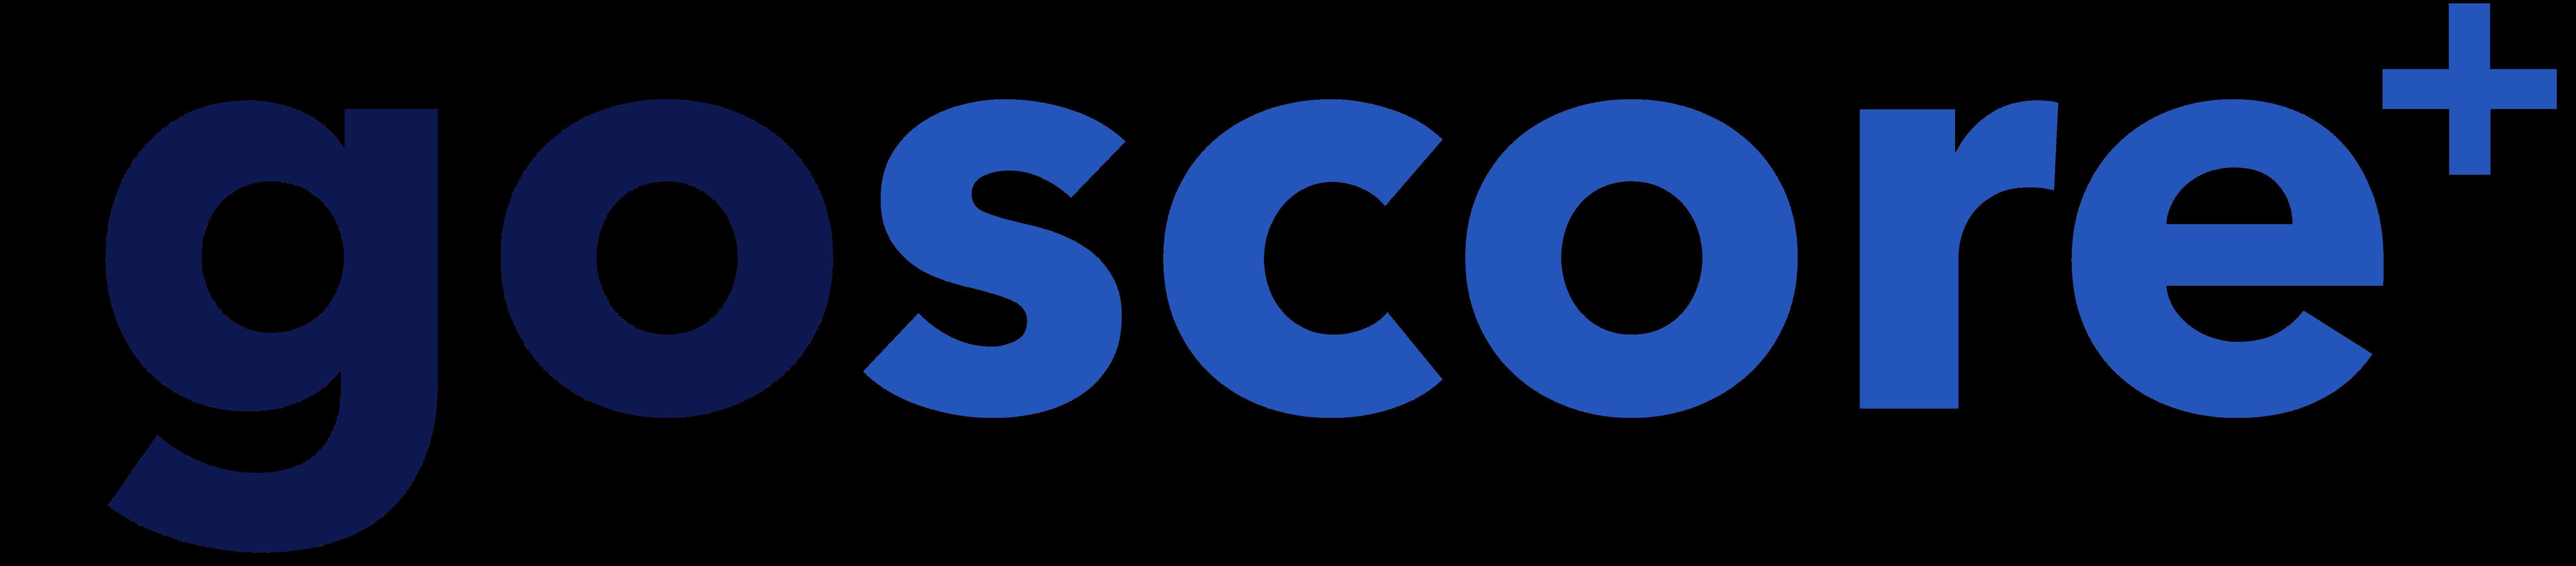 Goscore